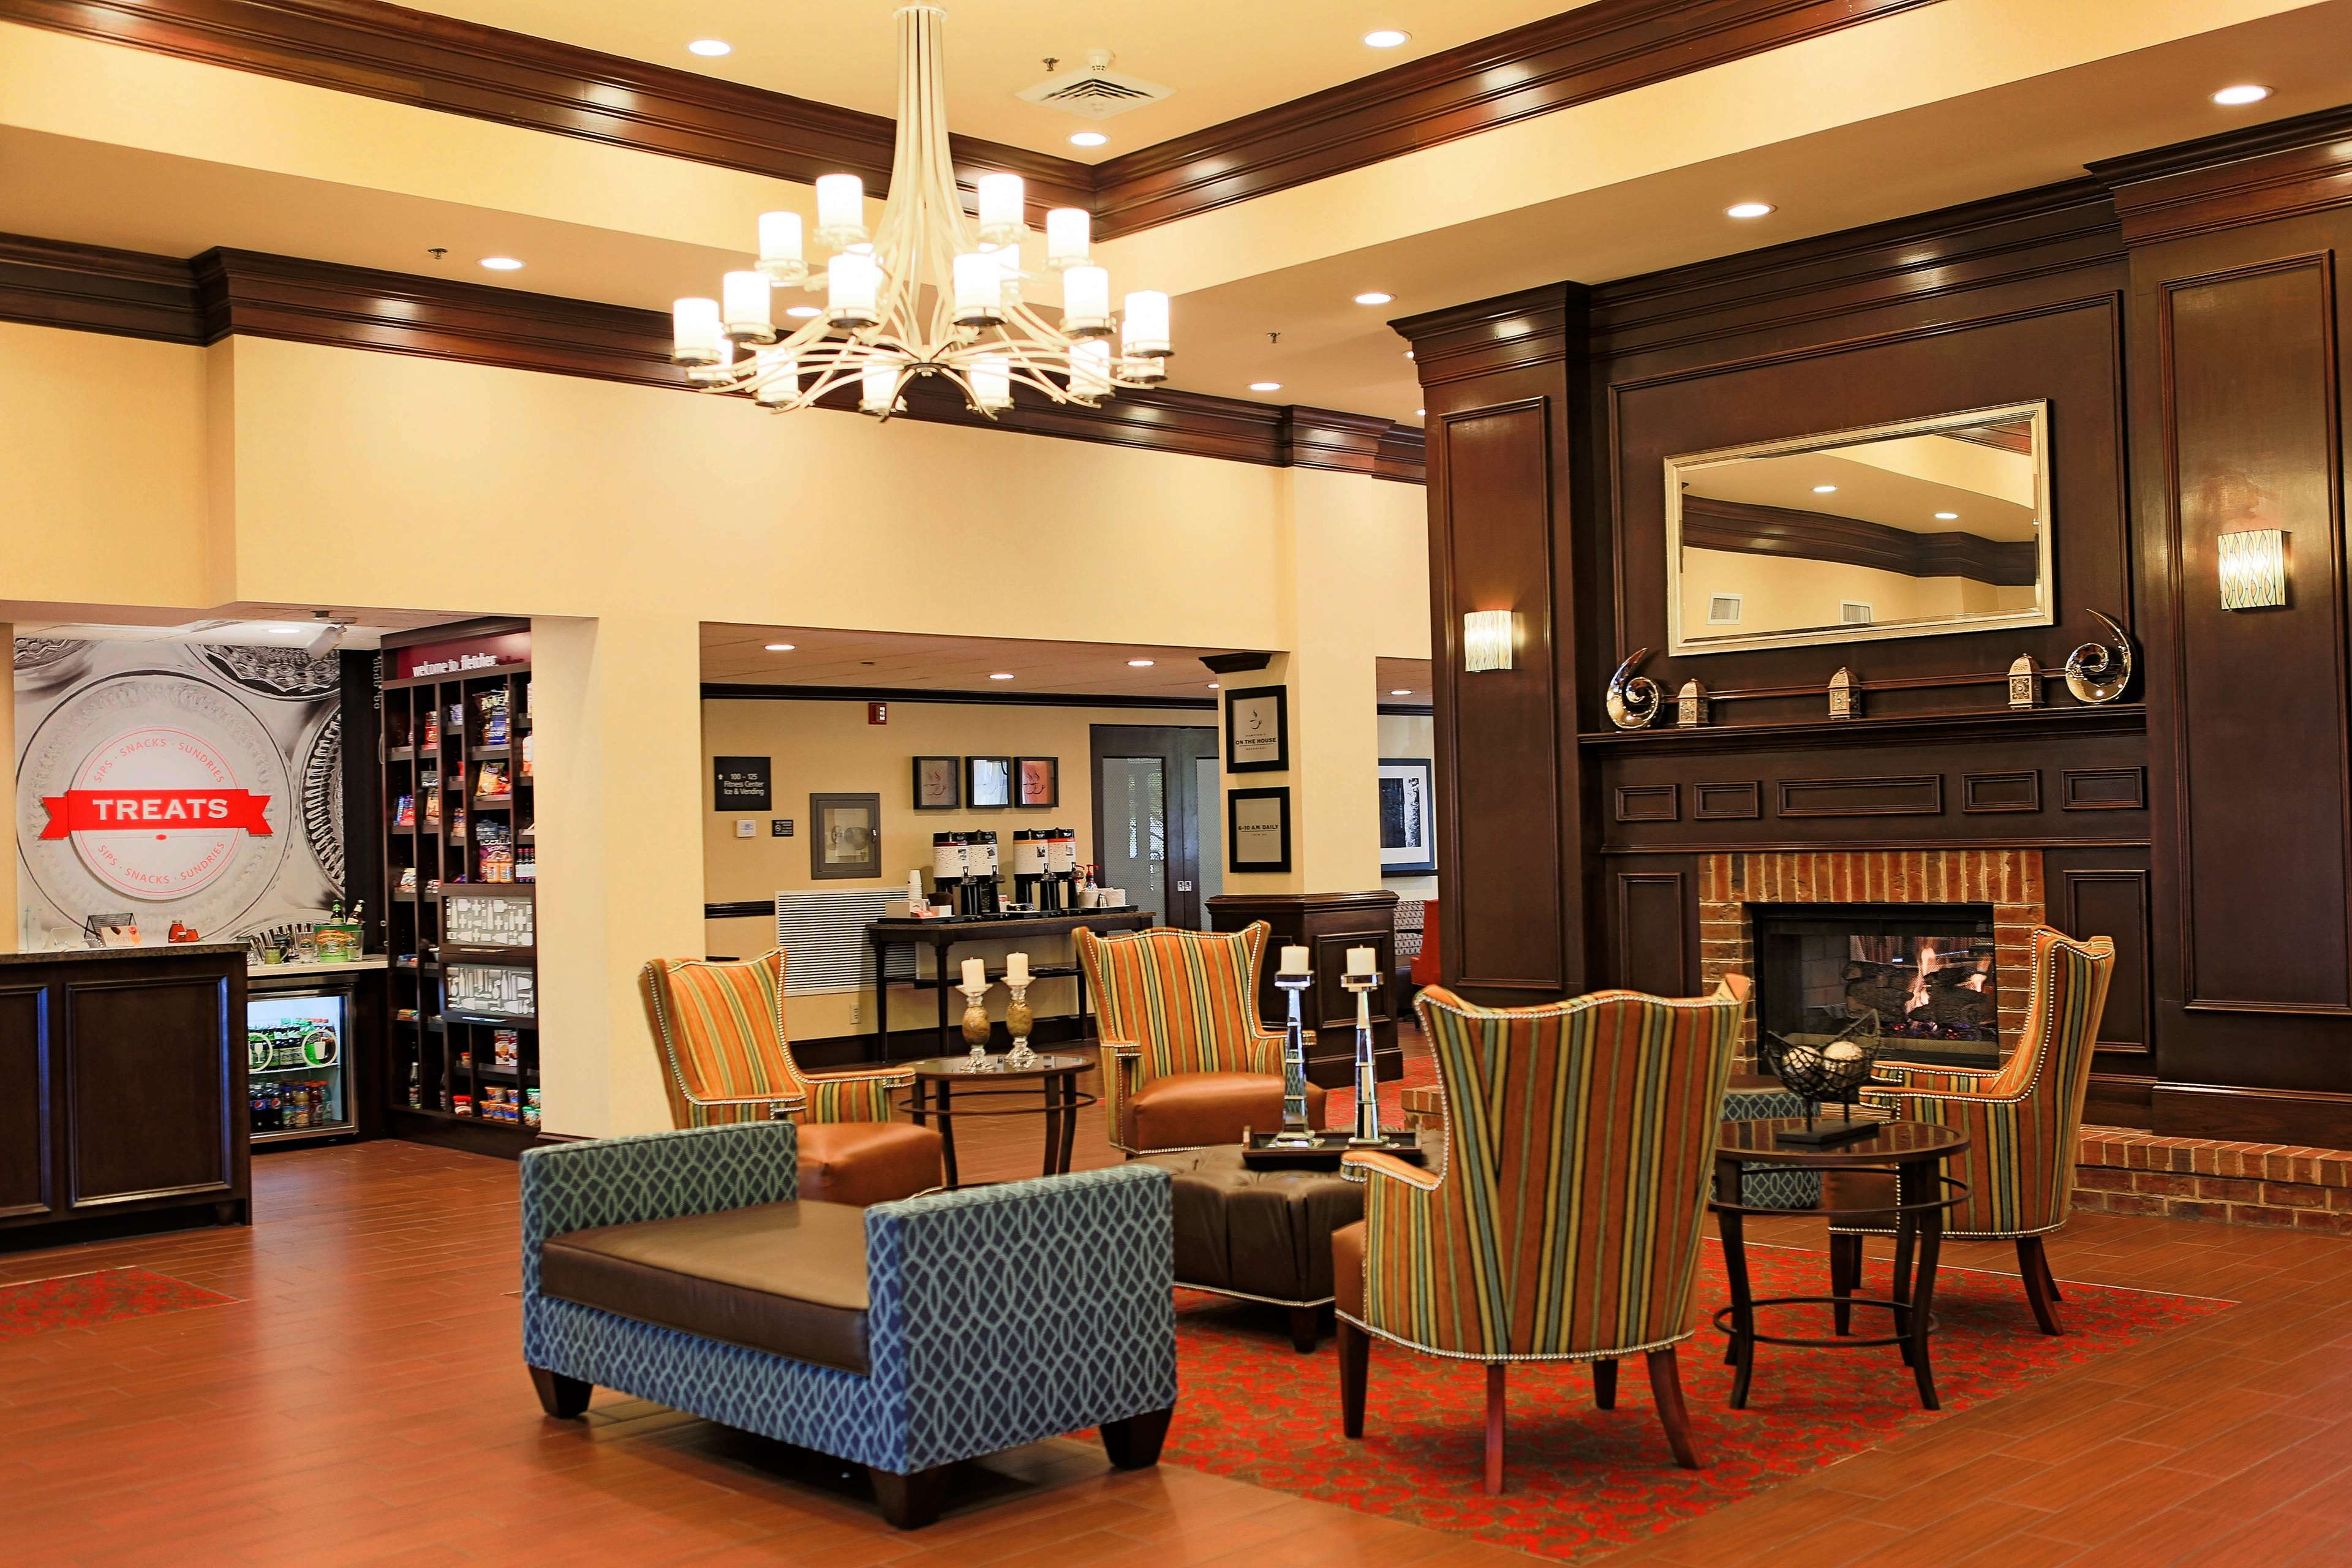 Hampton Inn & Suites Asheville-I-26 image 3